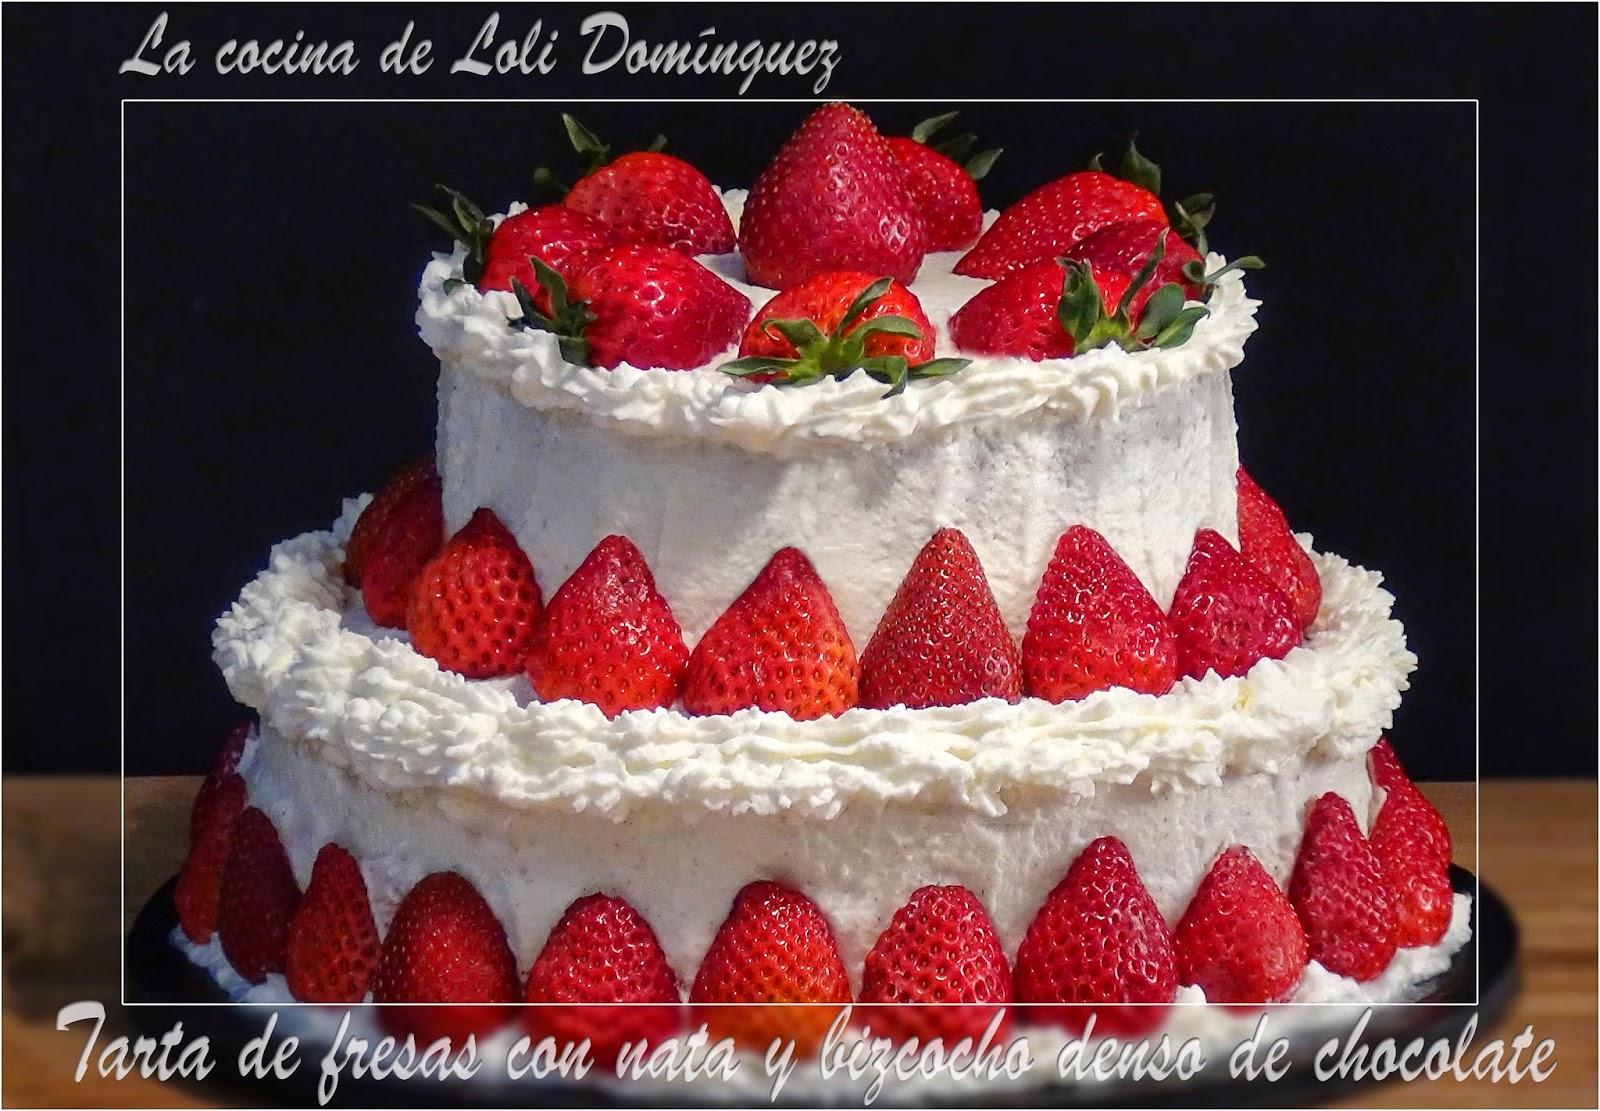 Tarta de fresas con nata y bizcocho denso de chocolate